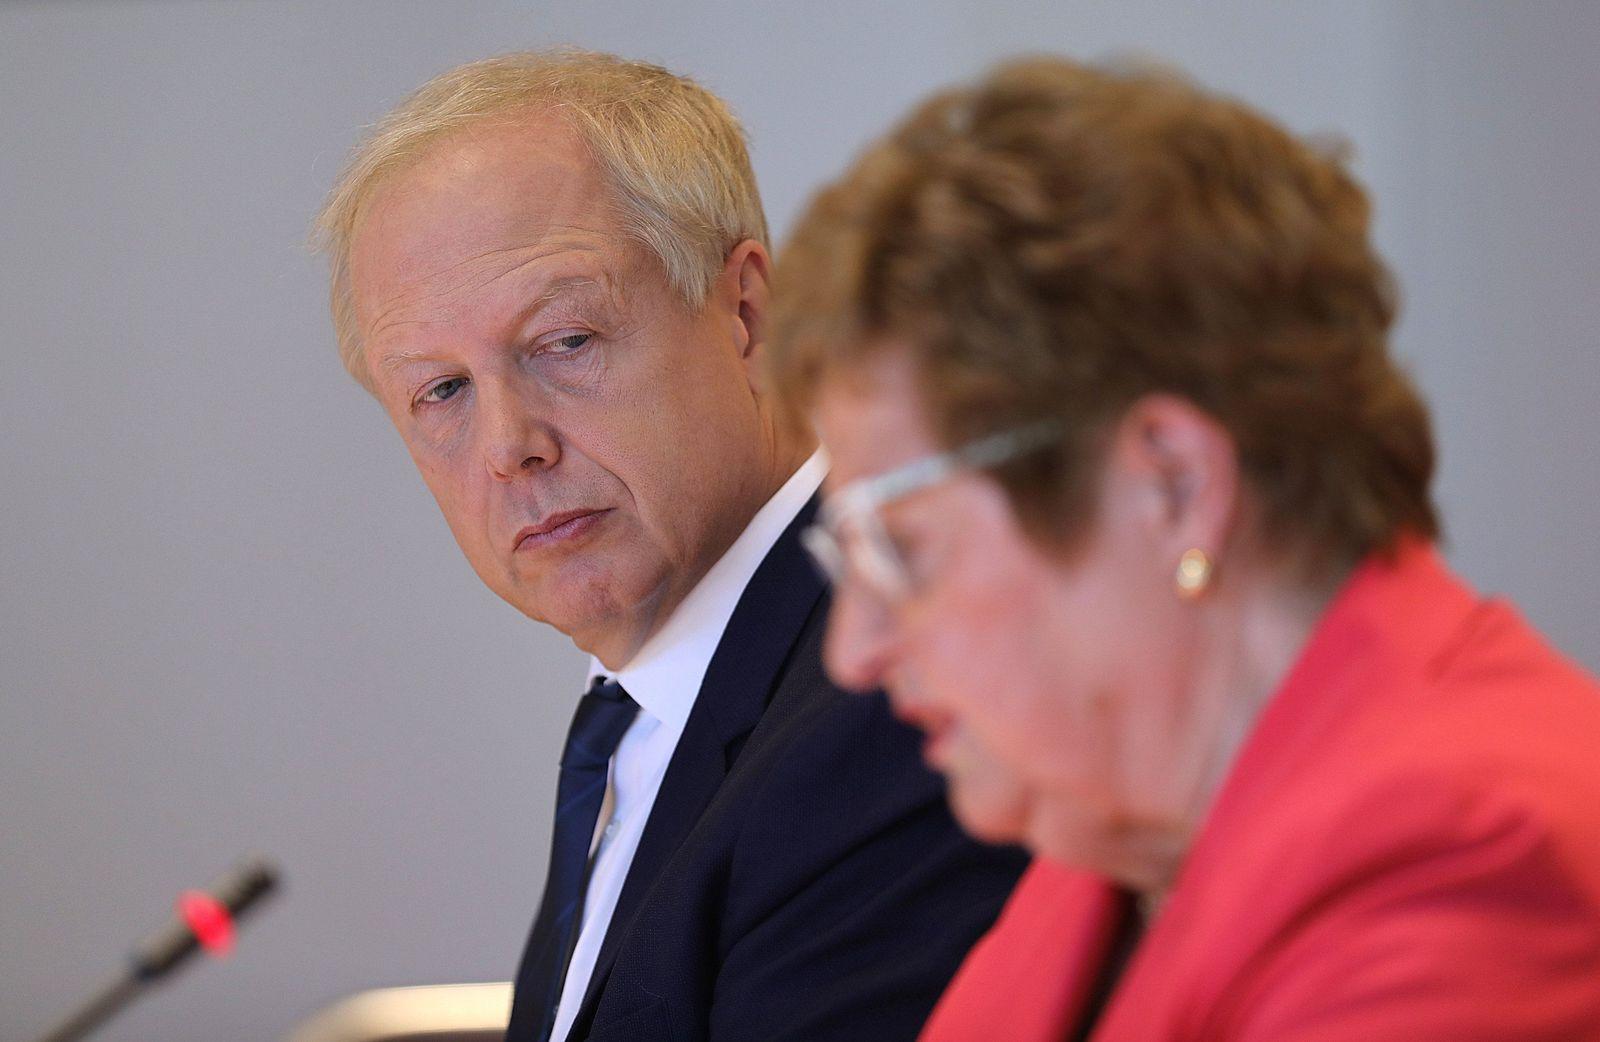 WDR-Bericht, Tom Buhrow, Monika Wulf-Mathies